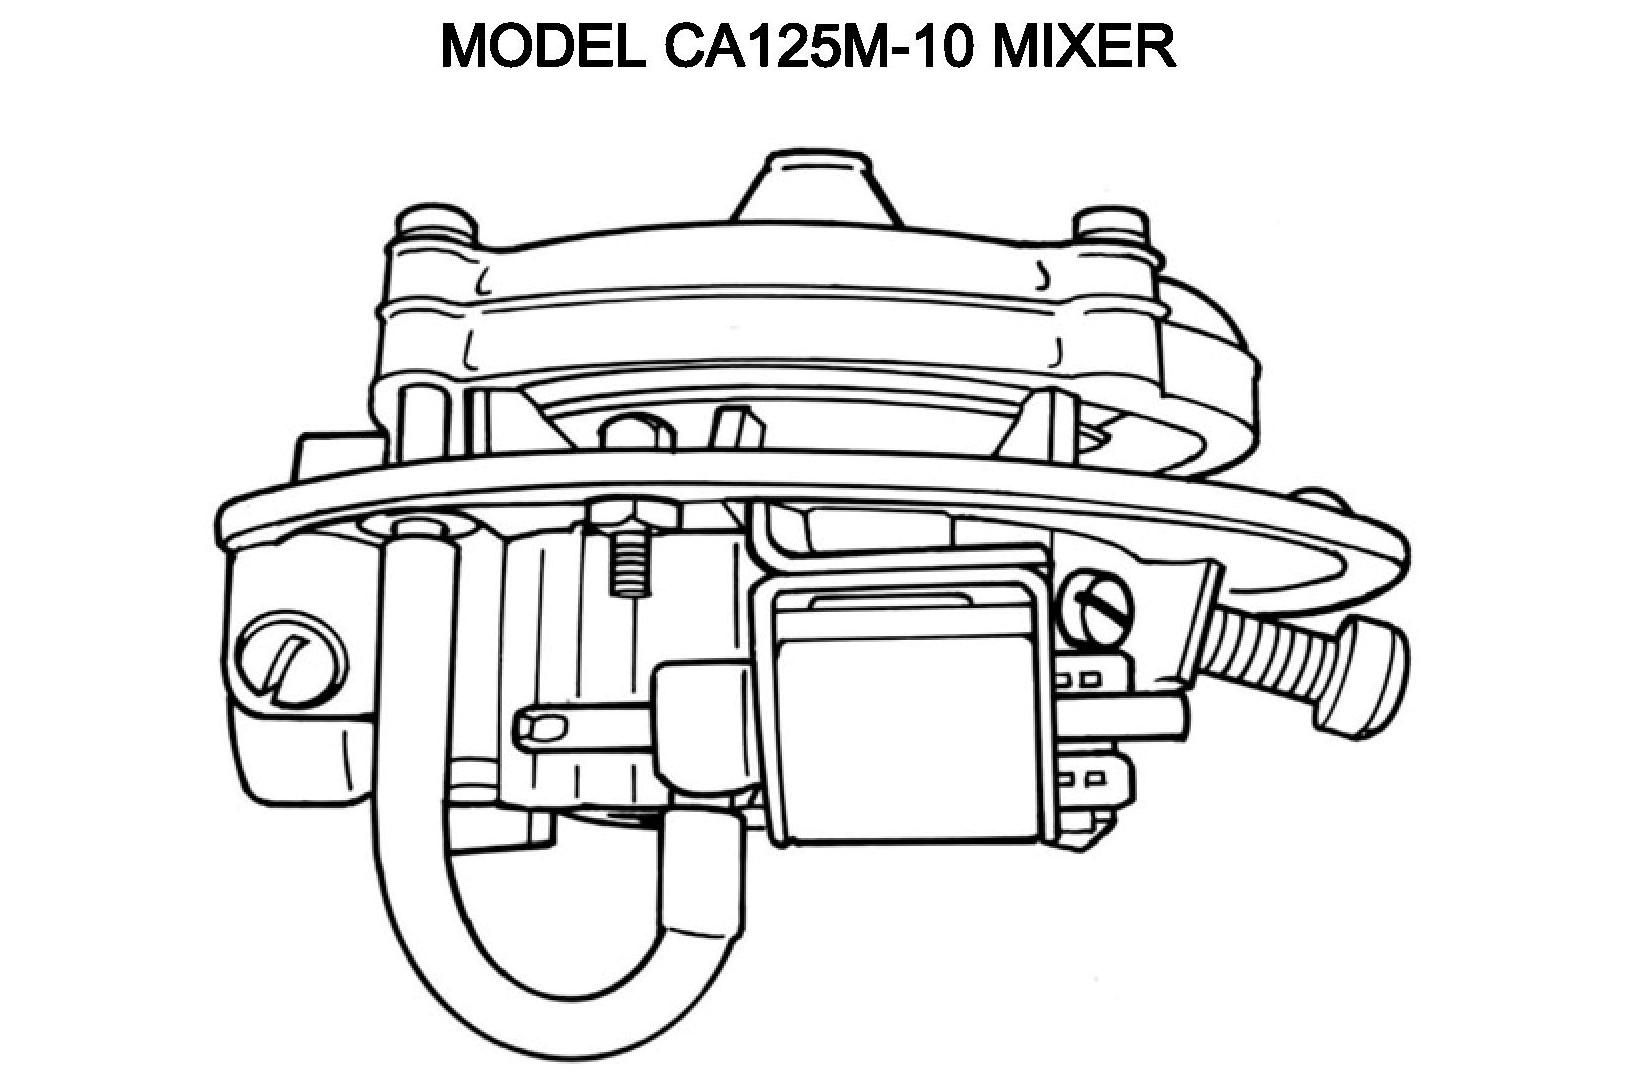 Impco Ca125m 10